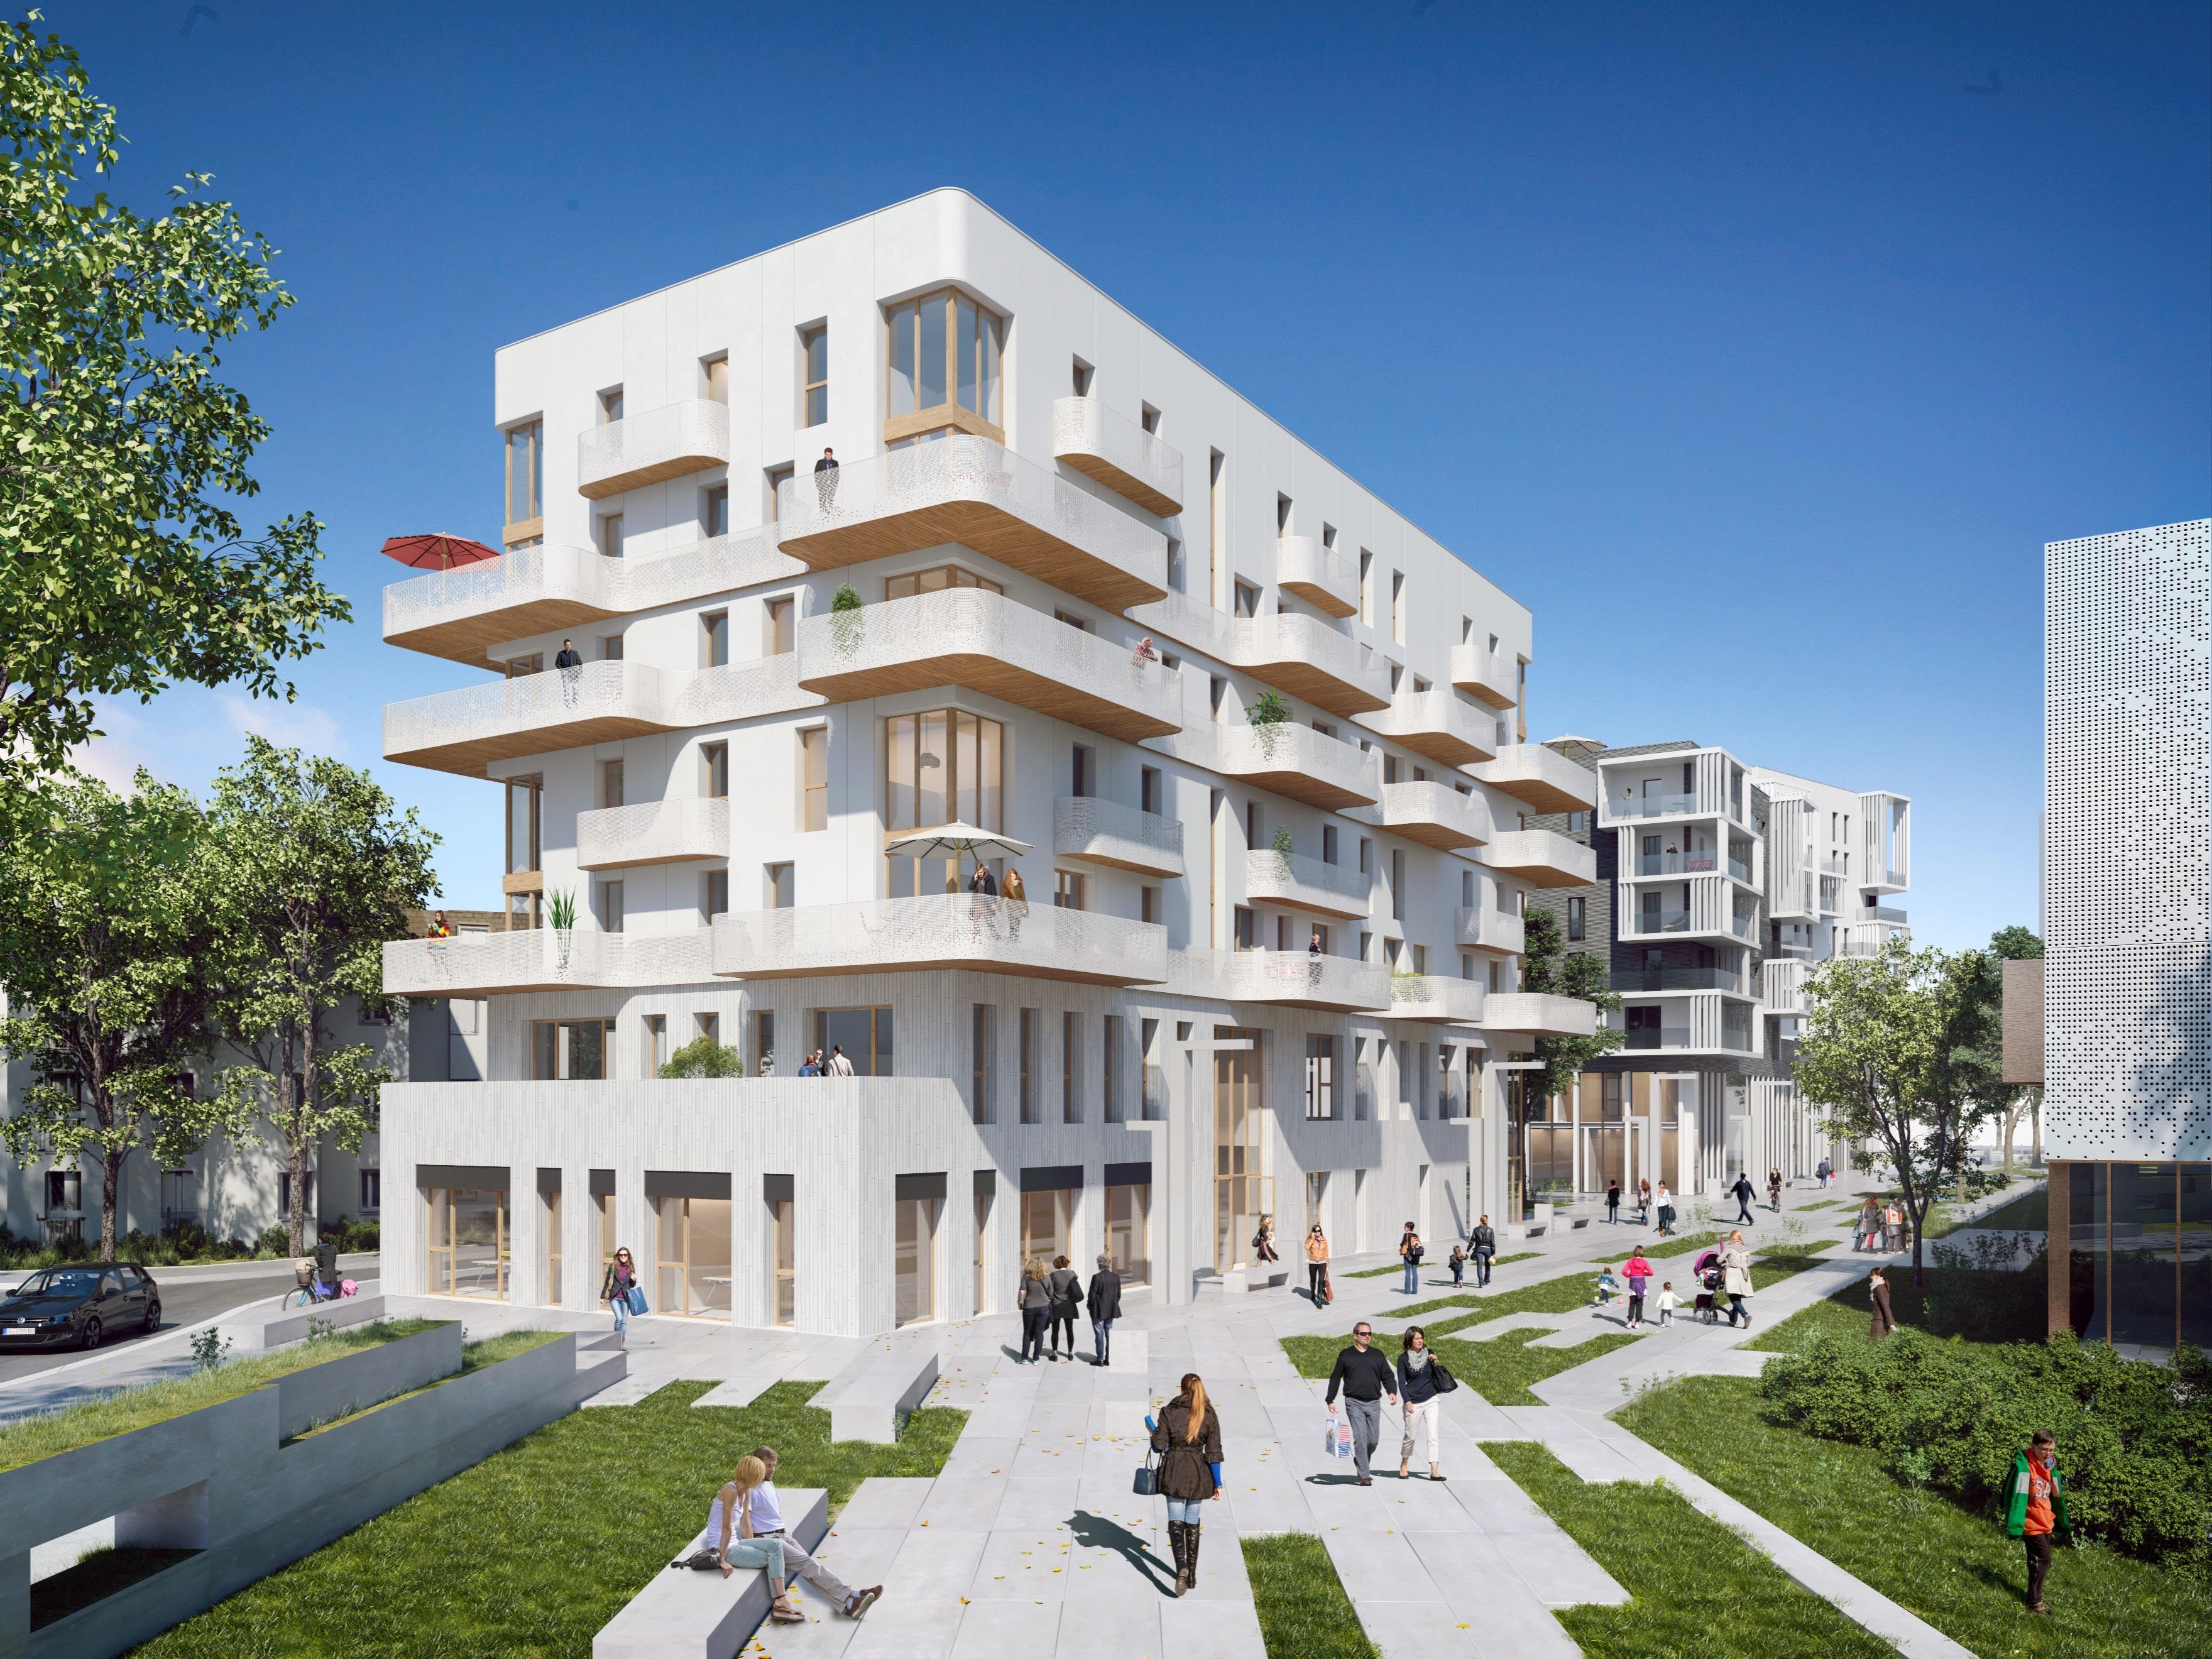 Programme immobilier villa lumea romainville 2 biens for Appartement atypique romainville